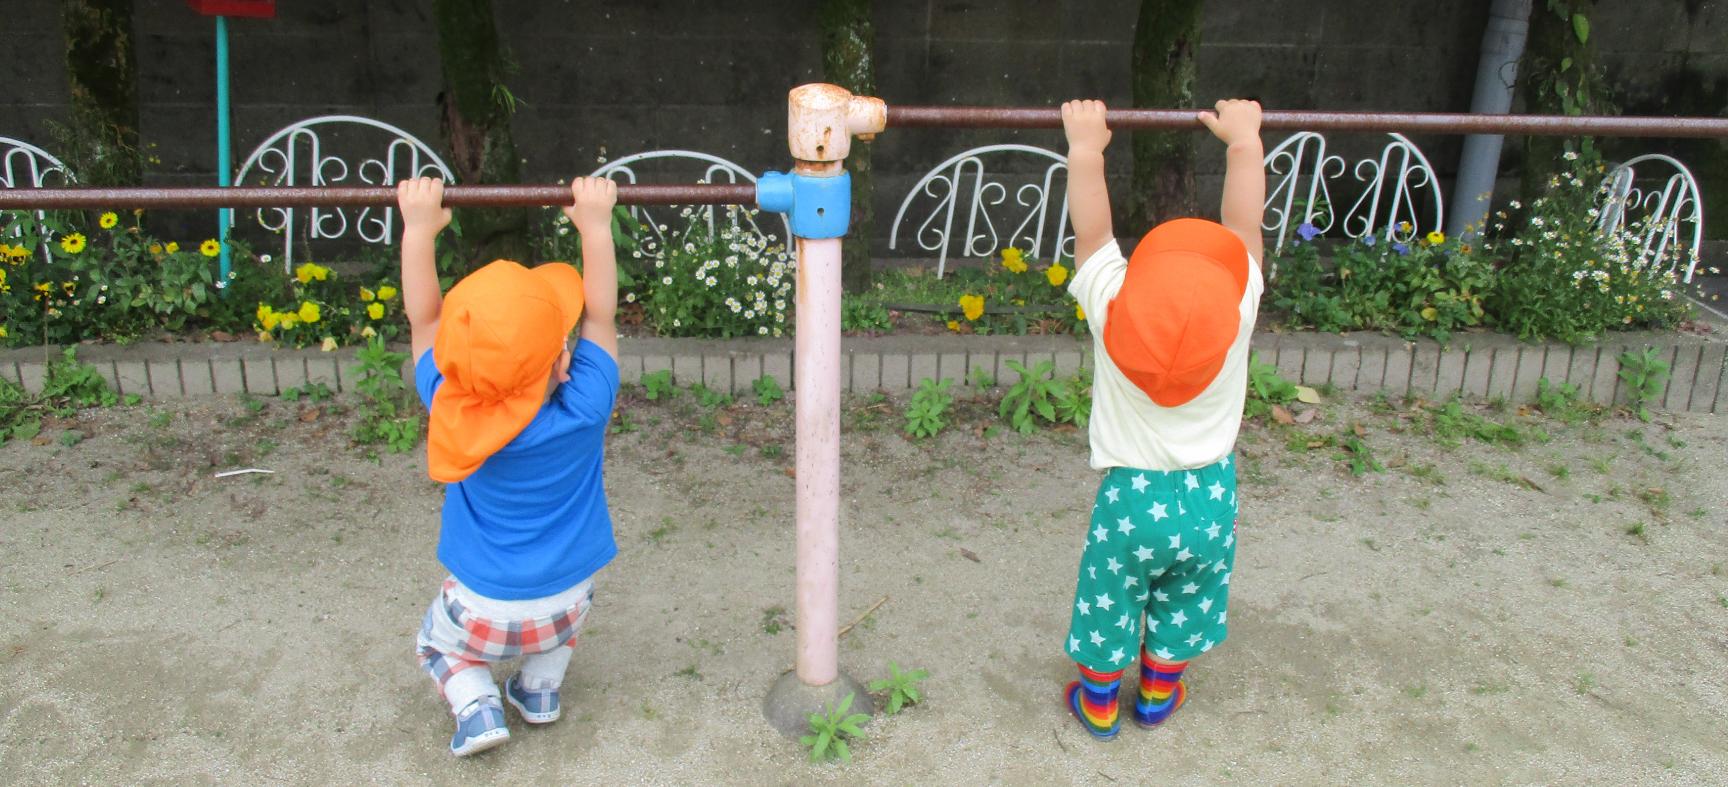 保育園の一日 One day at nursery school